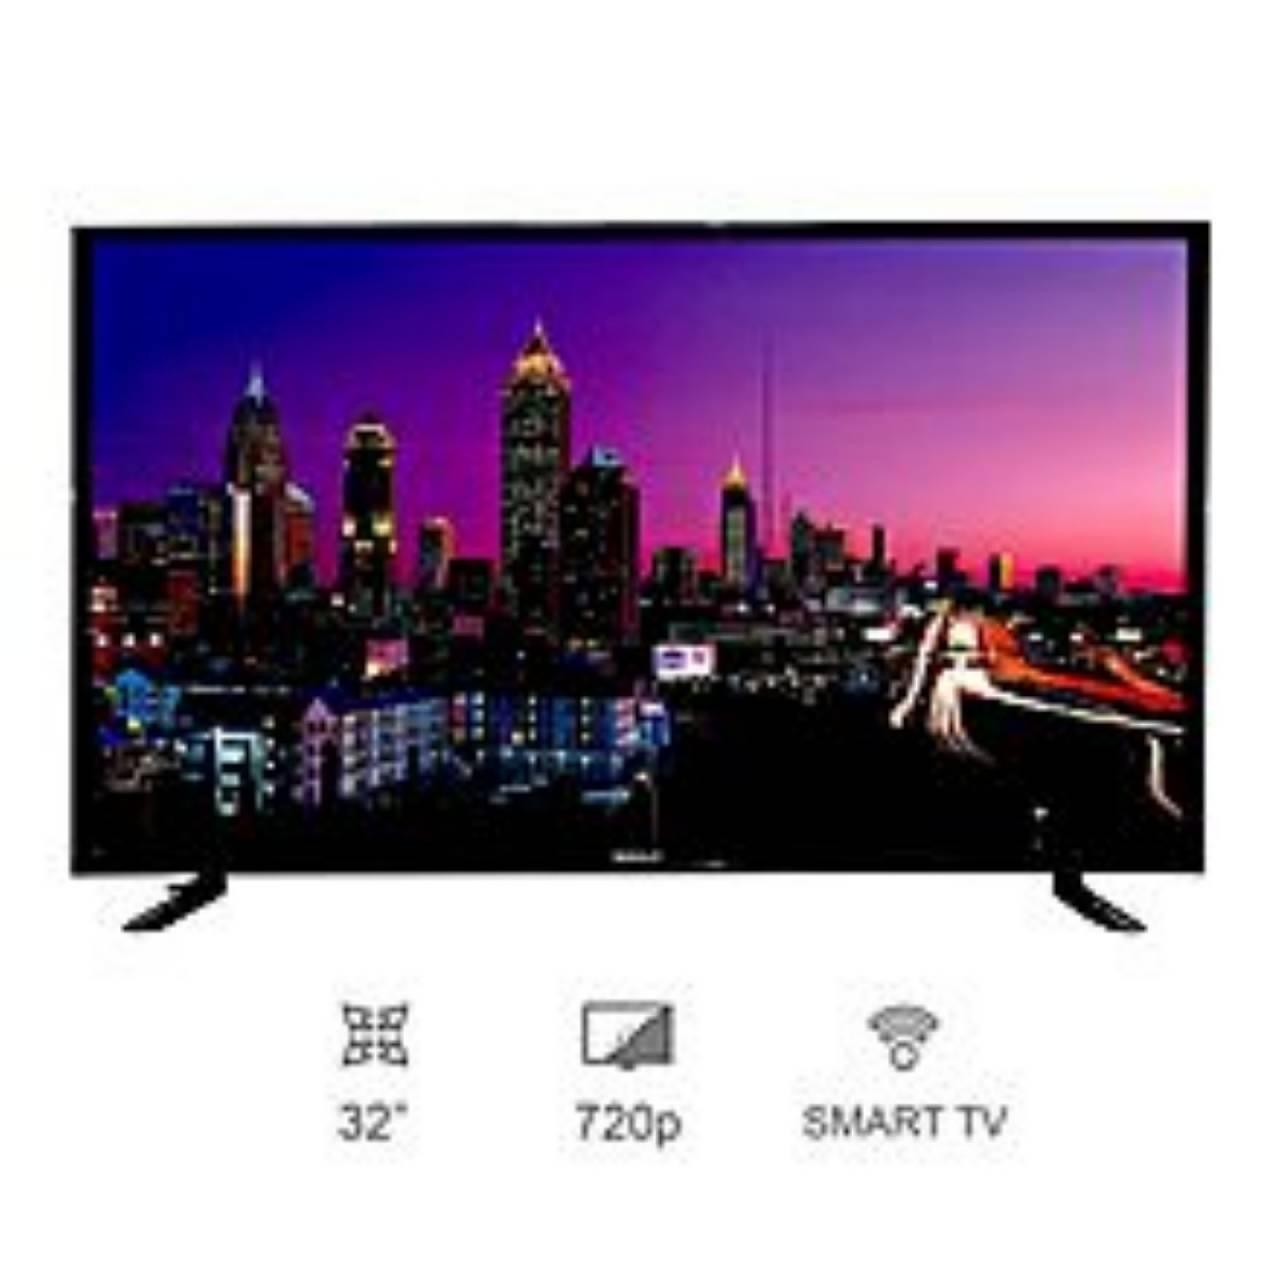 Led Tvs In Nepal At Best Price Darazcomnp